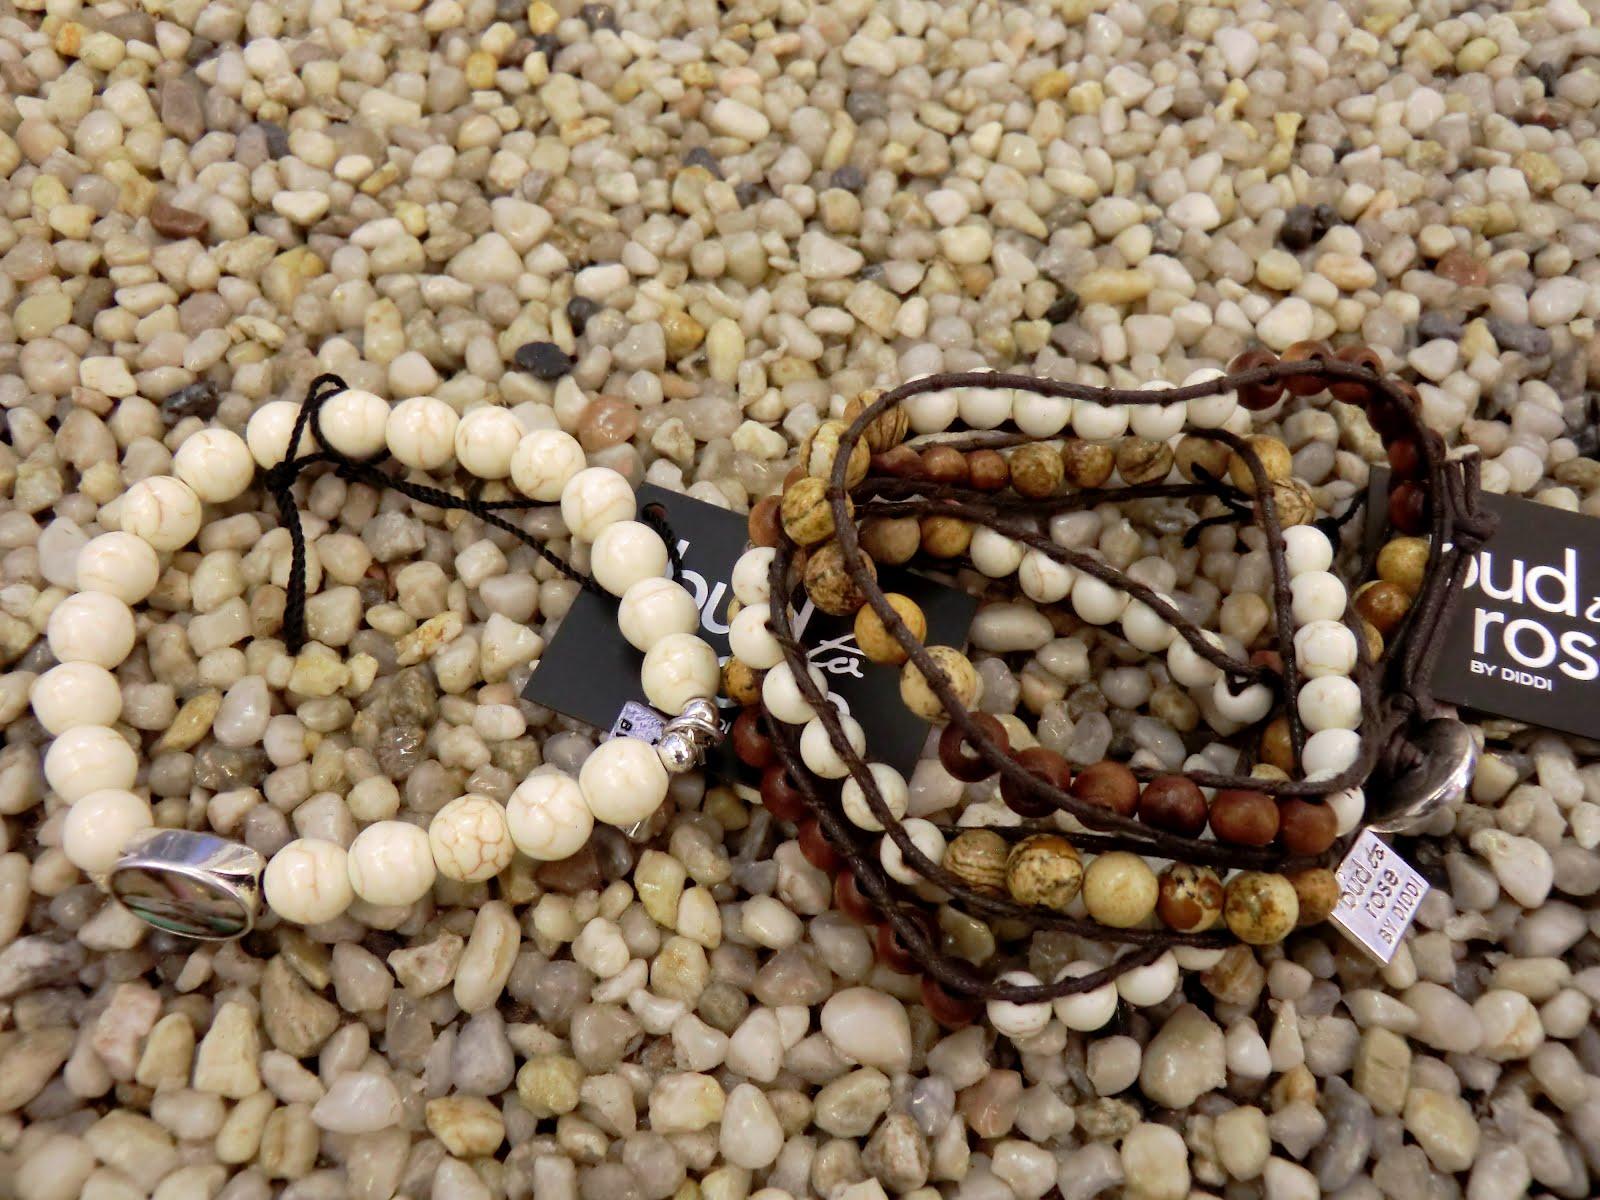 Fina riktigt somriga armband att matcha till från 199 - Daniella. Upplagd  av Soulsisters ... be99b9bb3b9a3